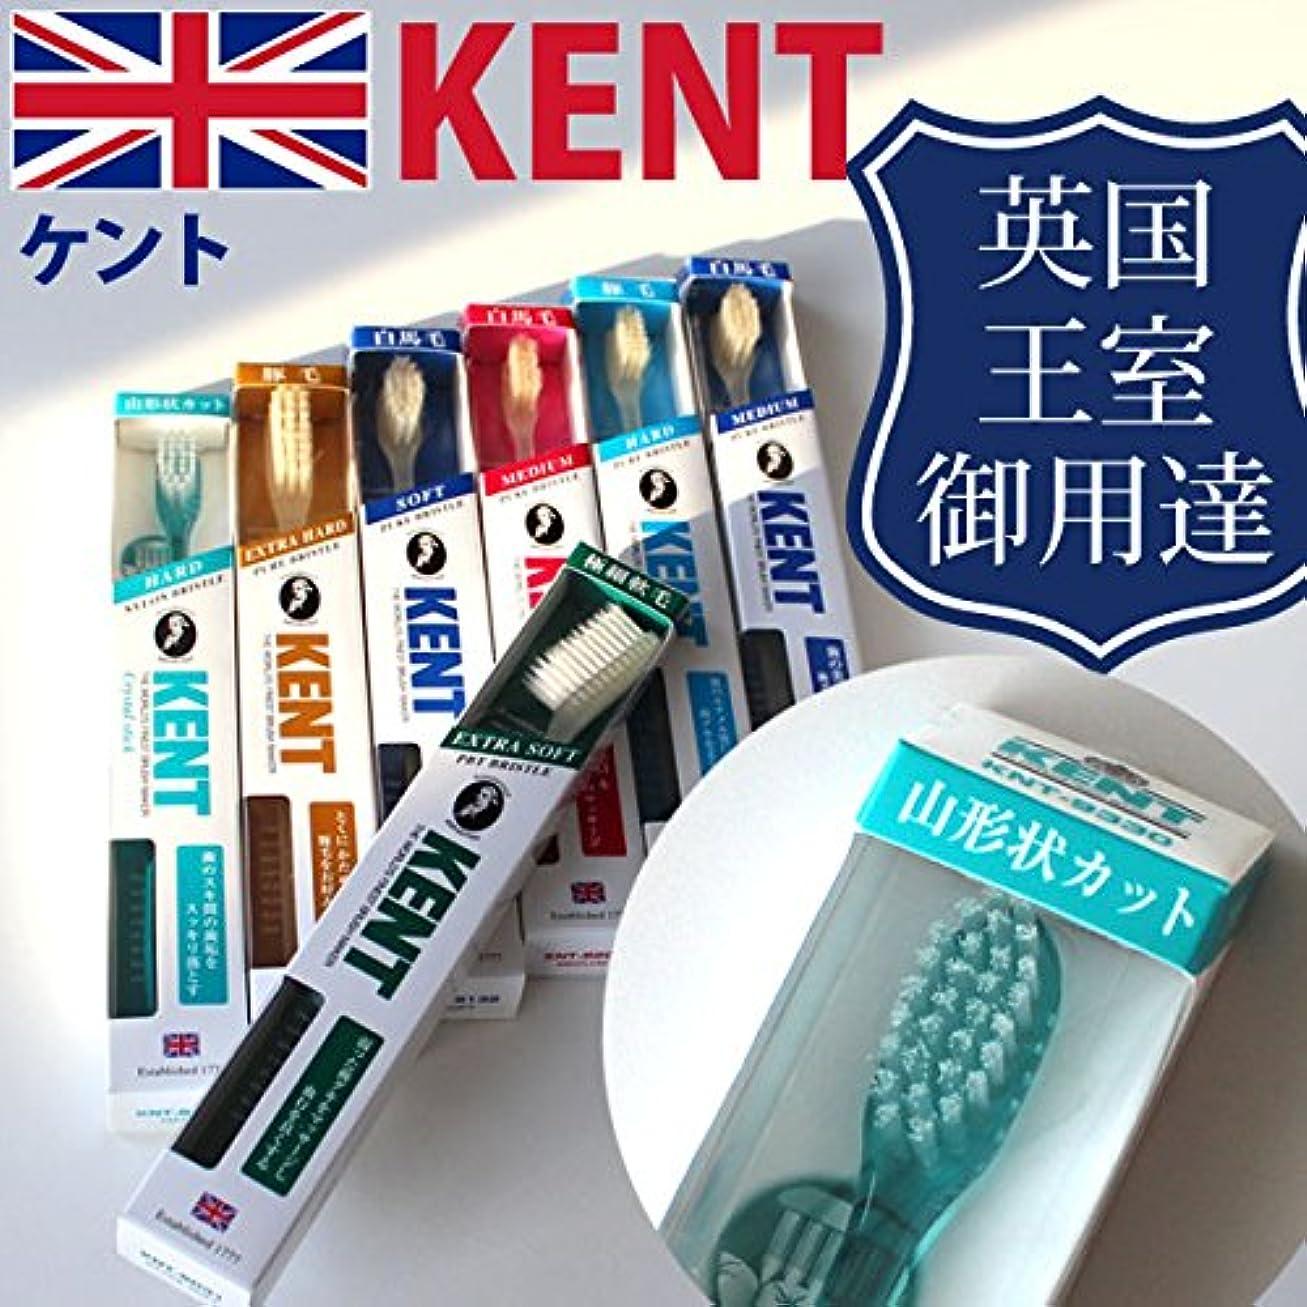 旋律的賭け襲撃ケント KENT クリスタルステック 歯ブラシKNT-9230/9330 6本入り 山形状カットが歯と歯の間にぴったり ふつう